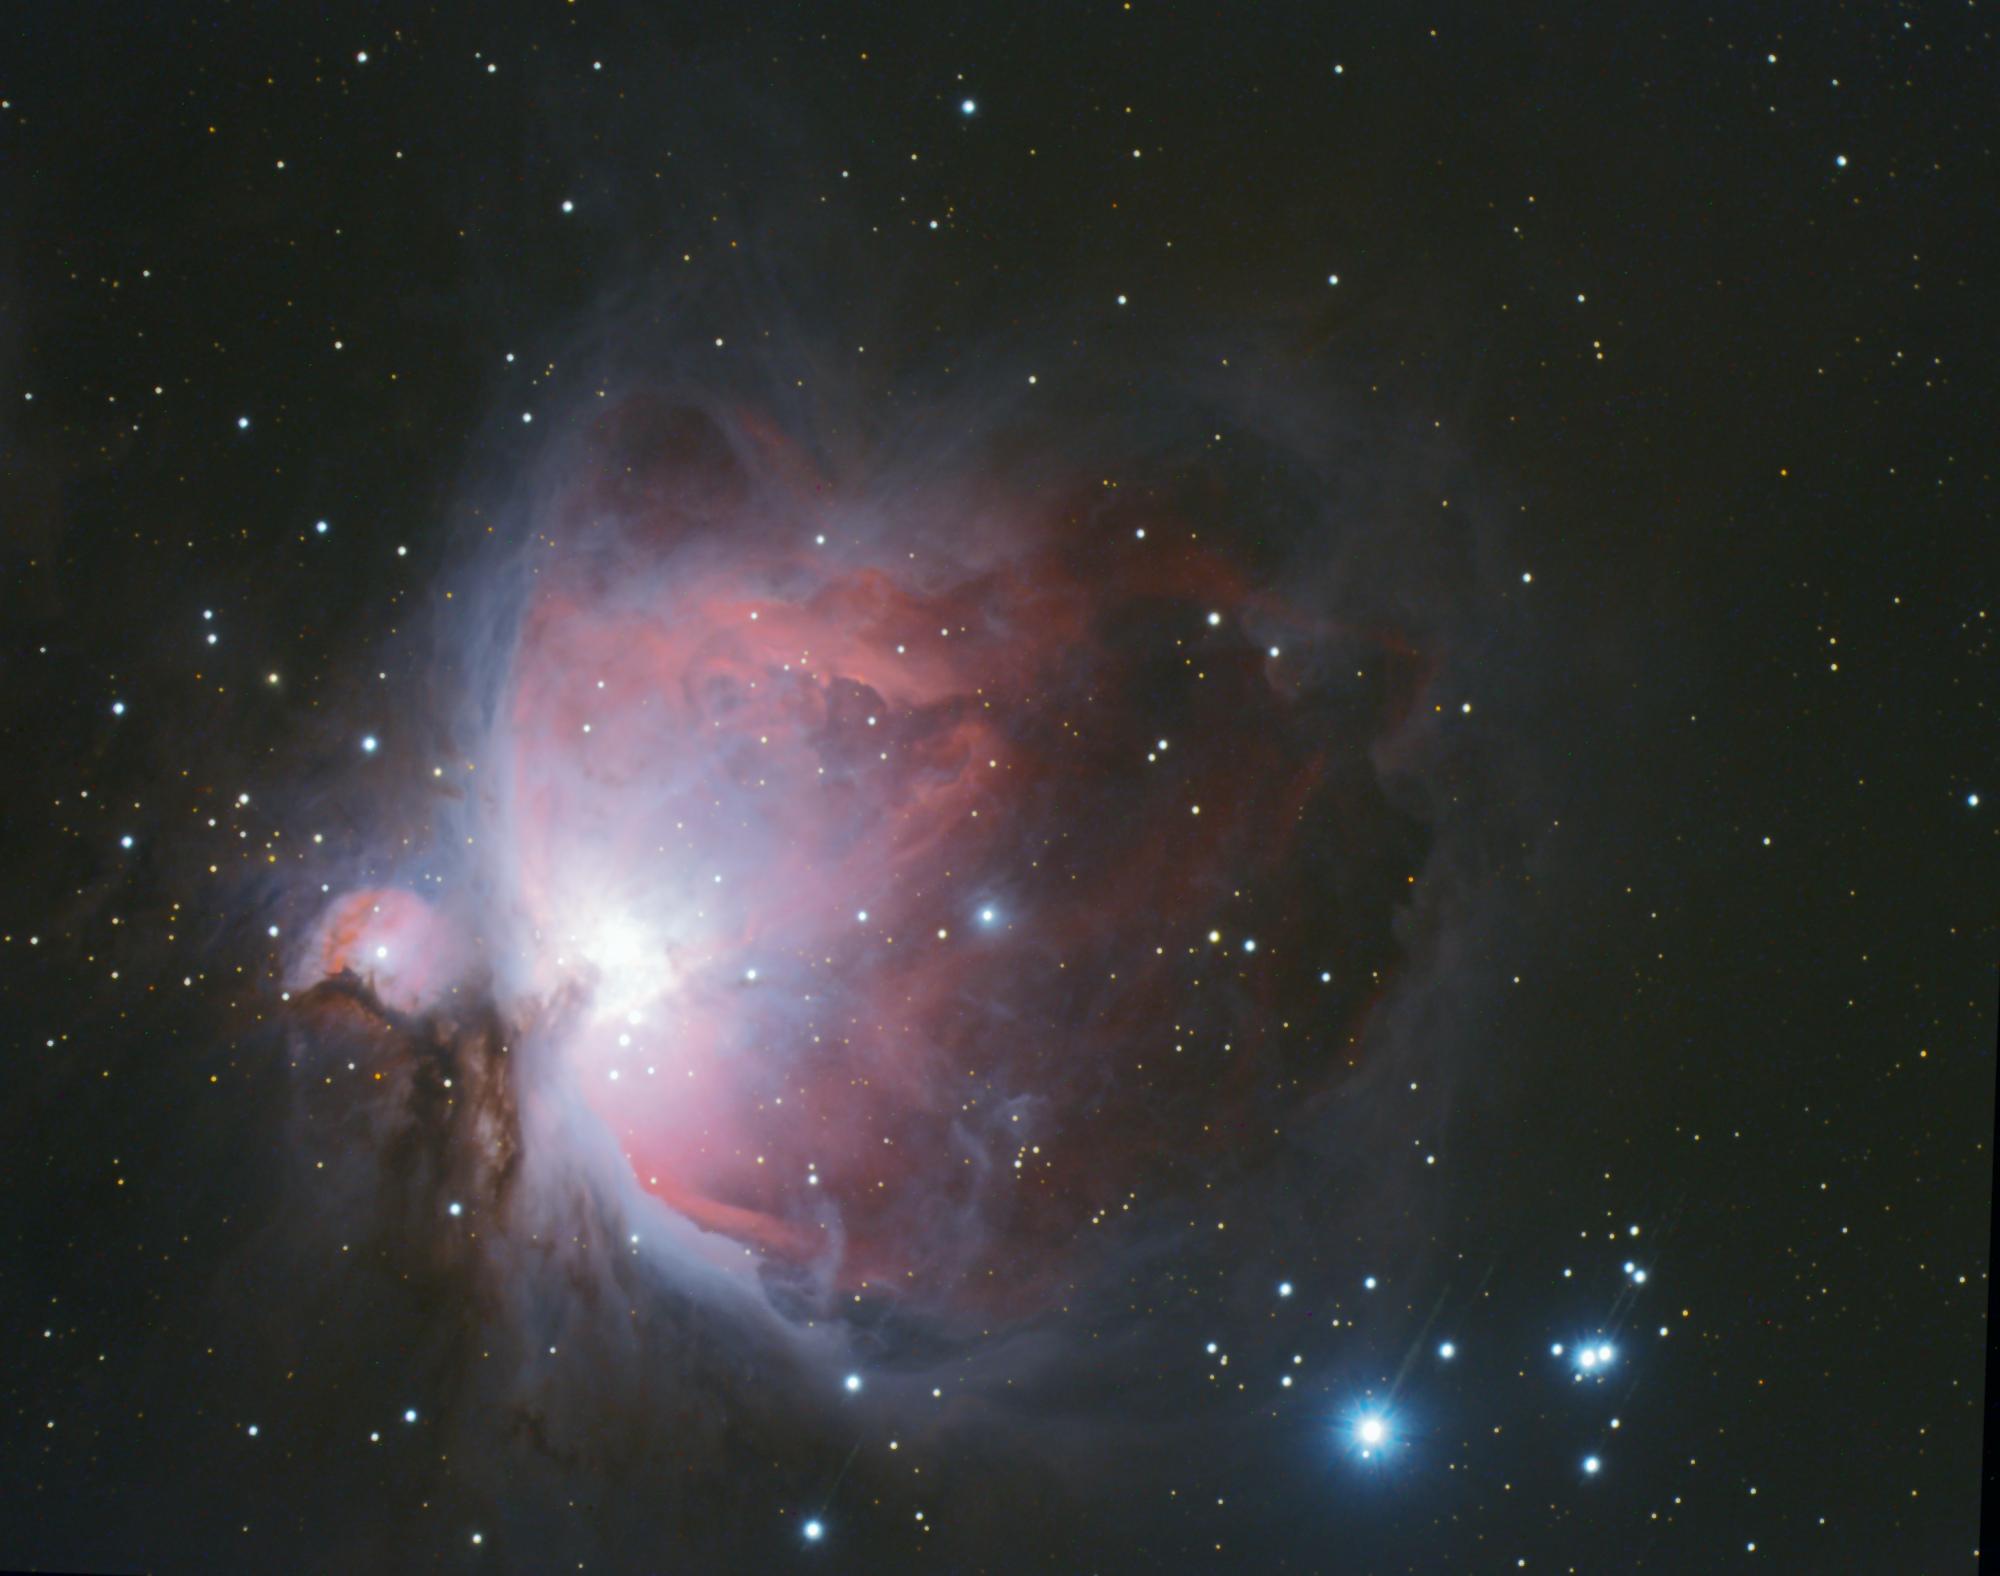 M43-sum_4.thumb.jpg.5cfdc2c7601dc434bafa7f842c5916ab.jpg